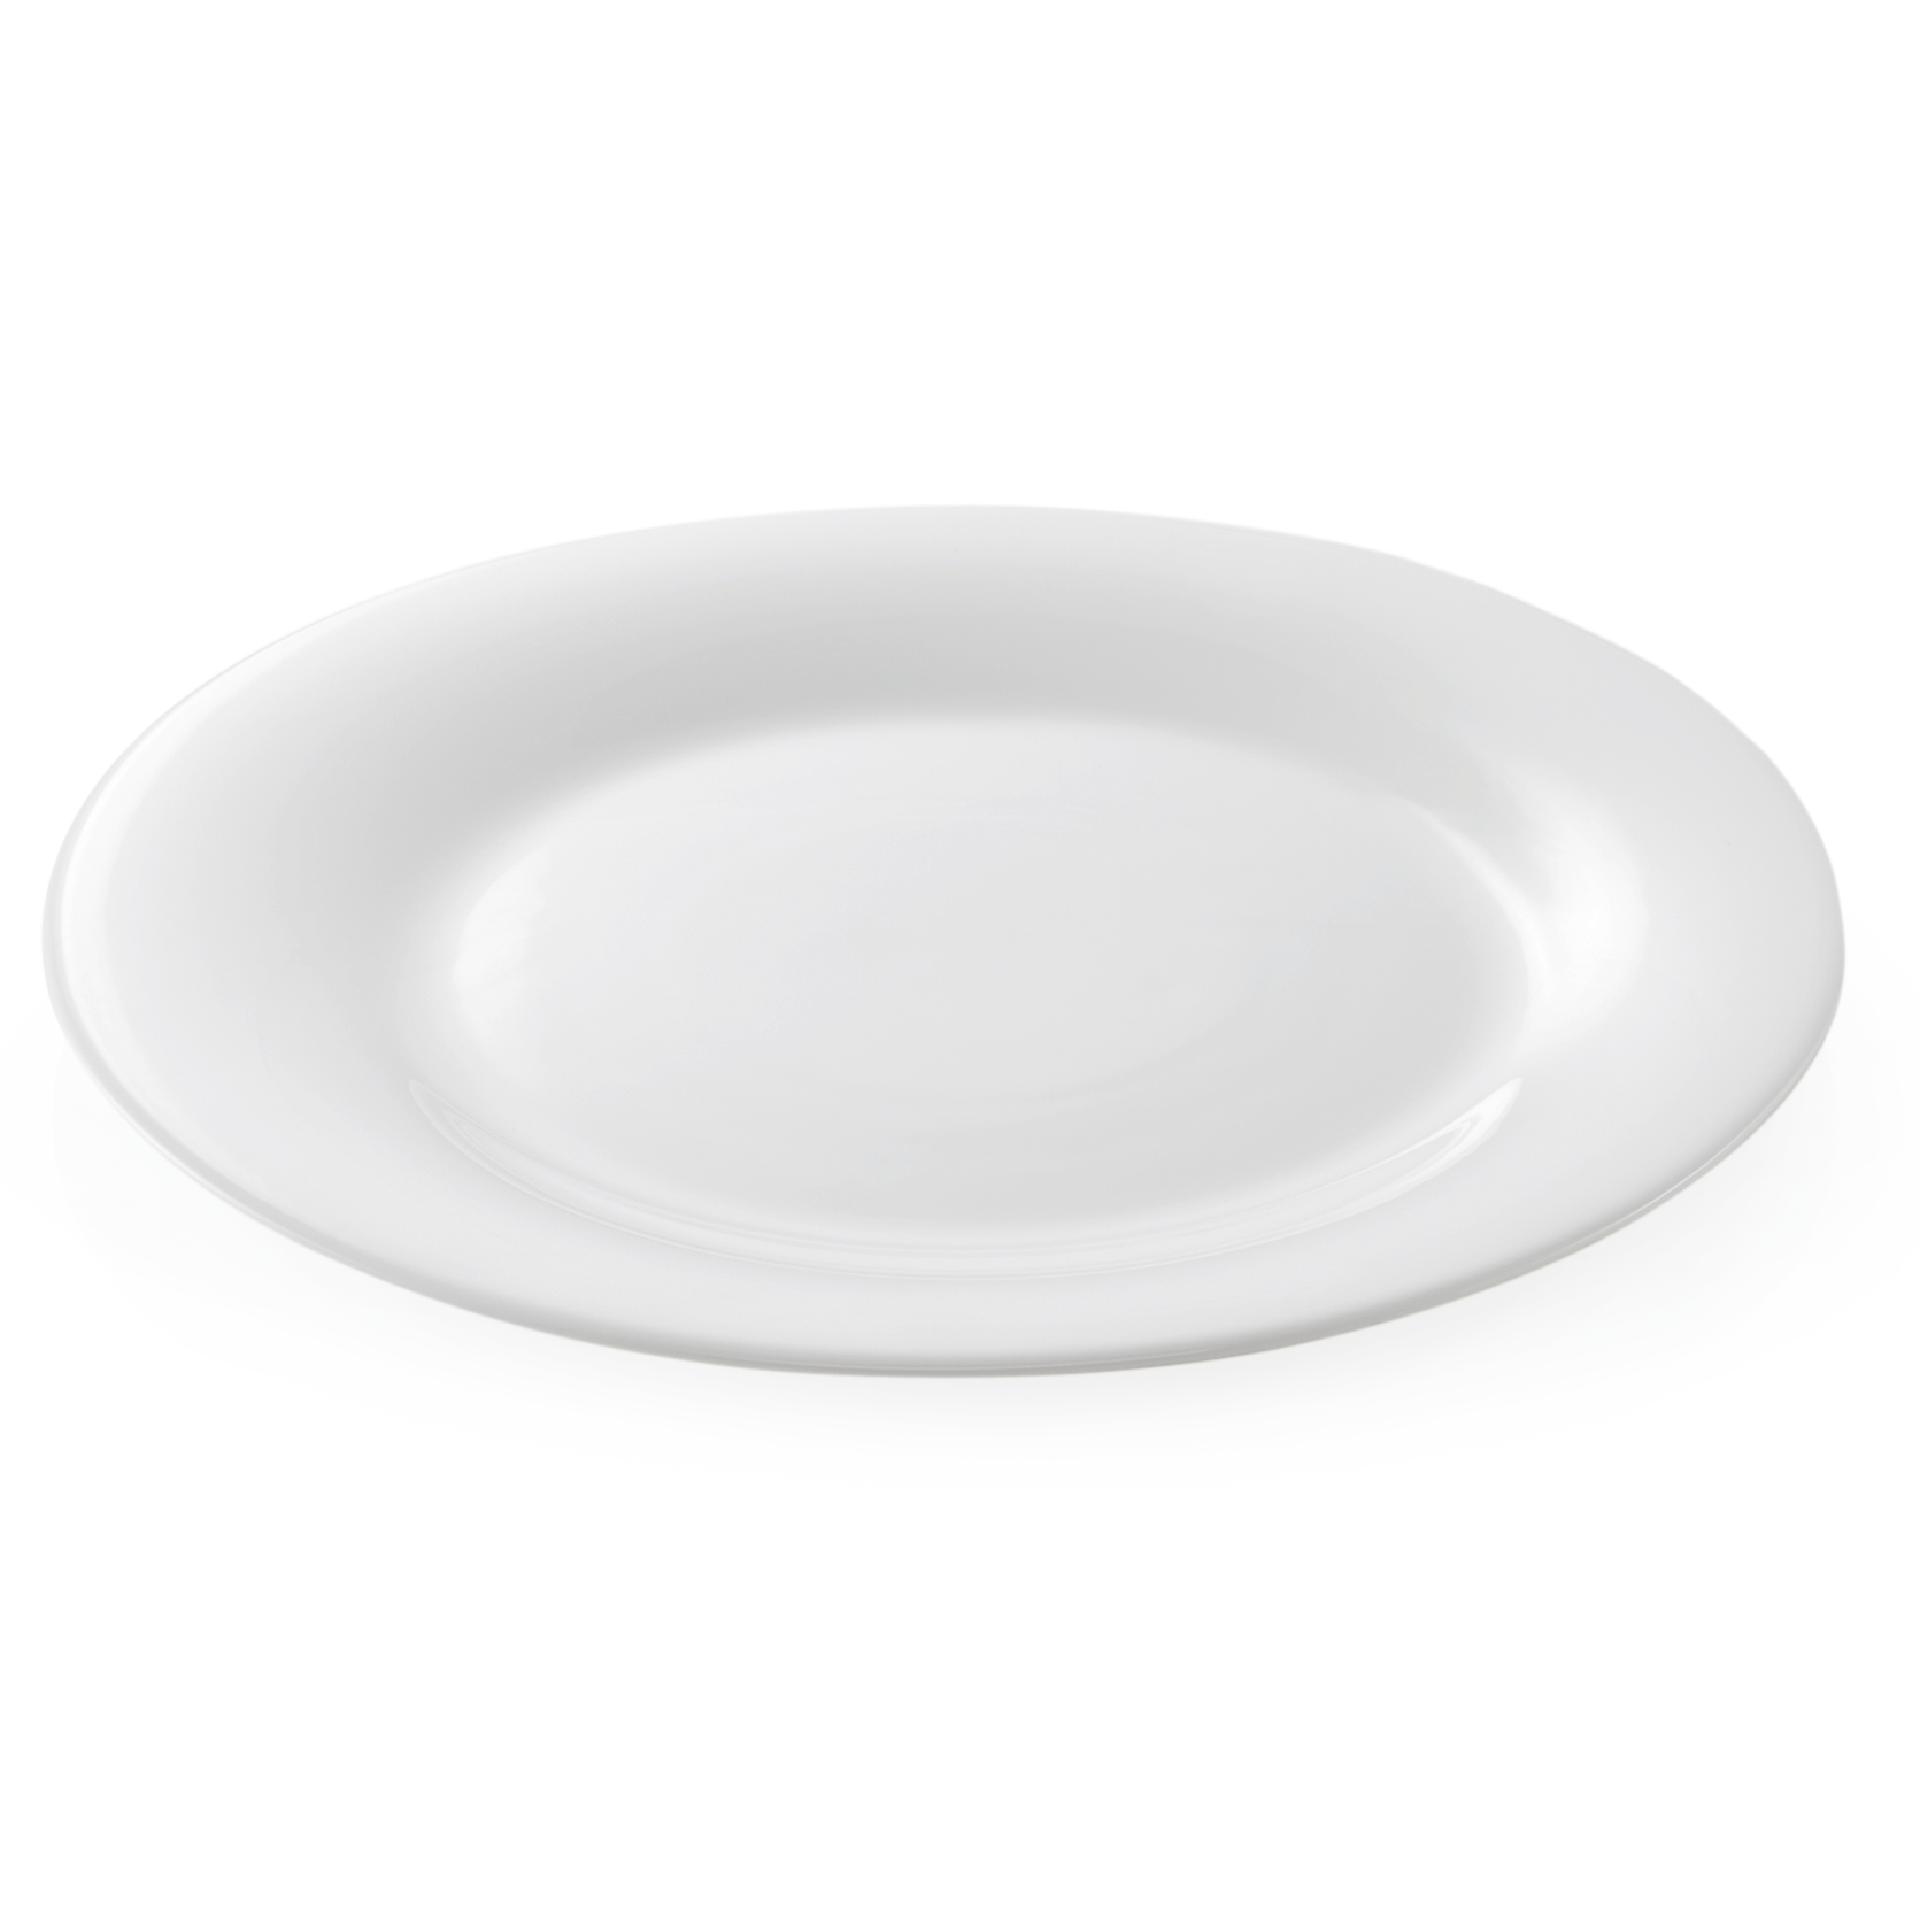 opalglas teller flach 22 5 cm gastro billig gastronomie und hotelbedarf g nstig kaufen